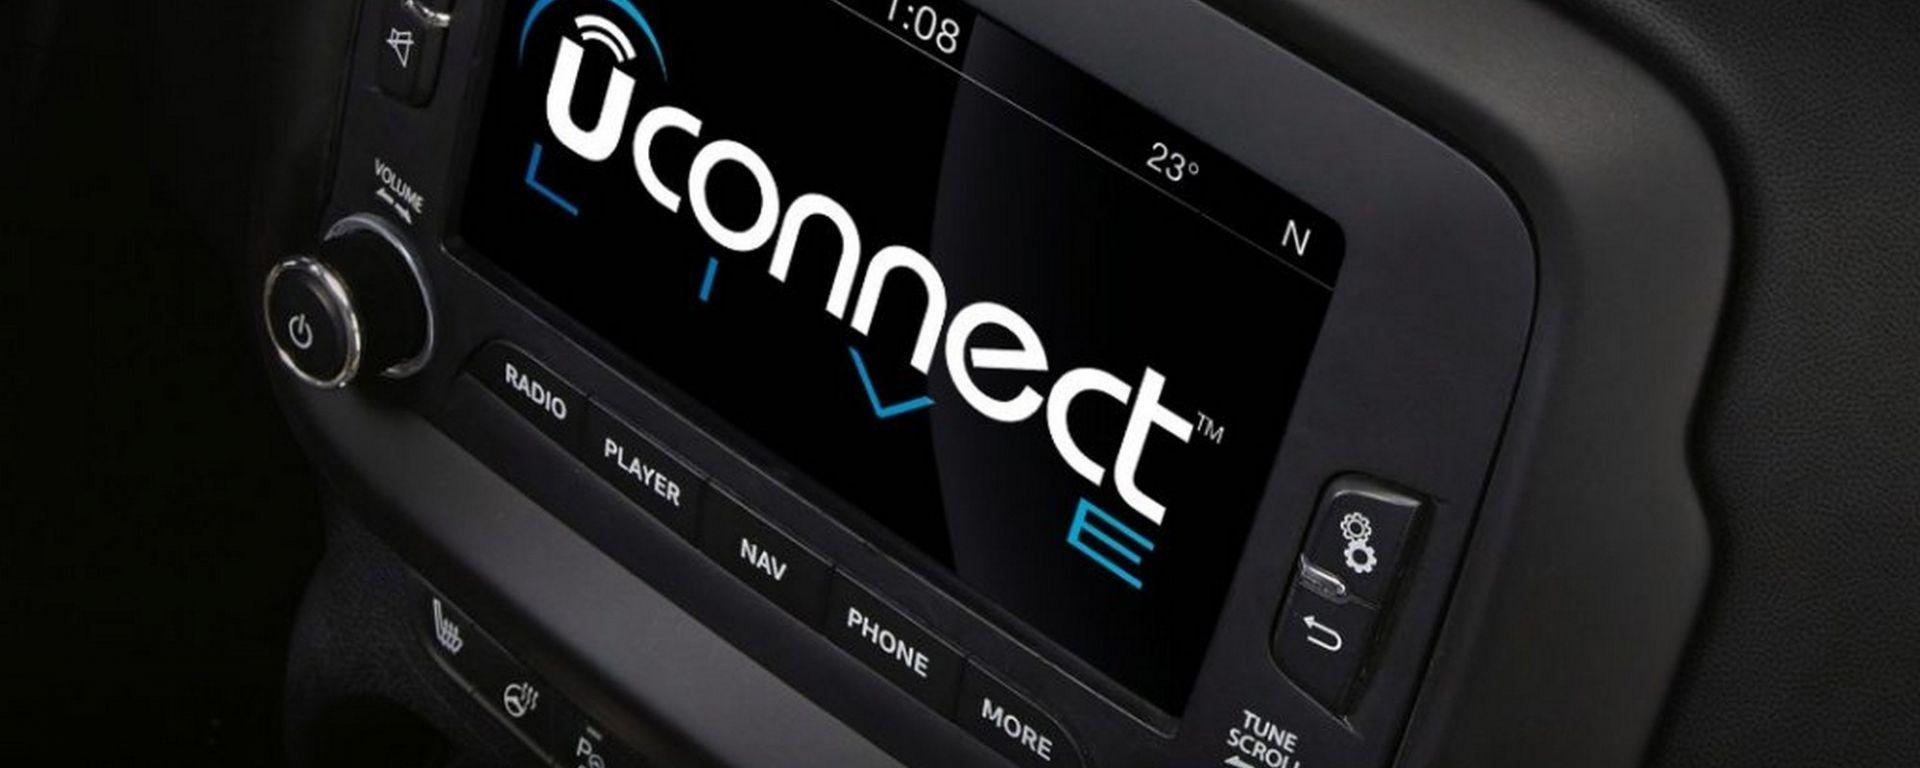 Uconnect, problemi con l'aggiornamento software